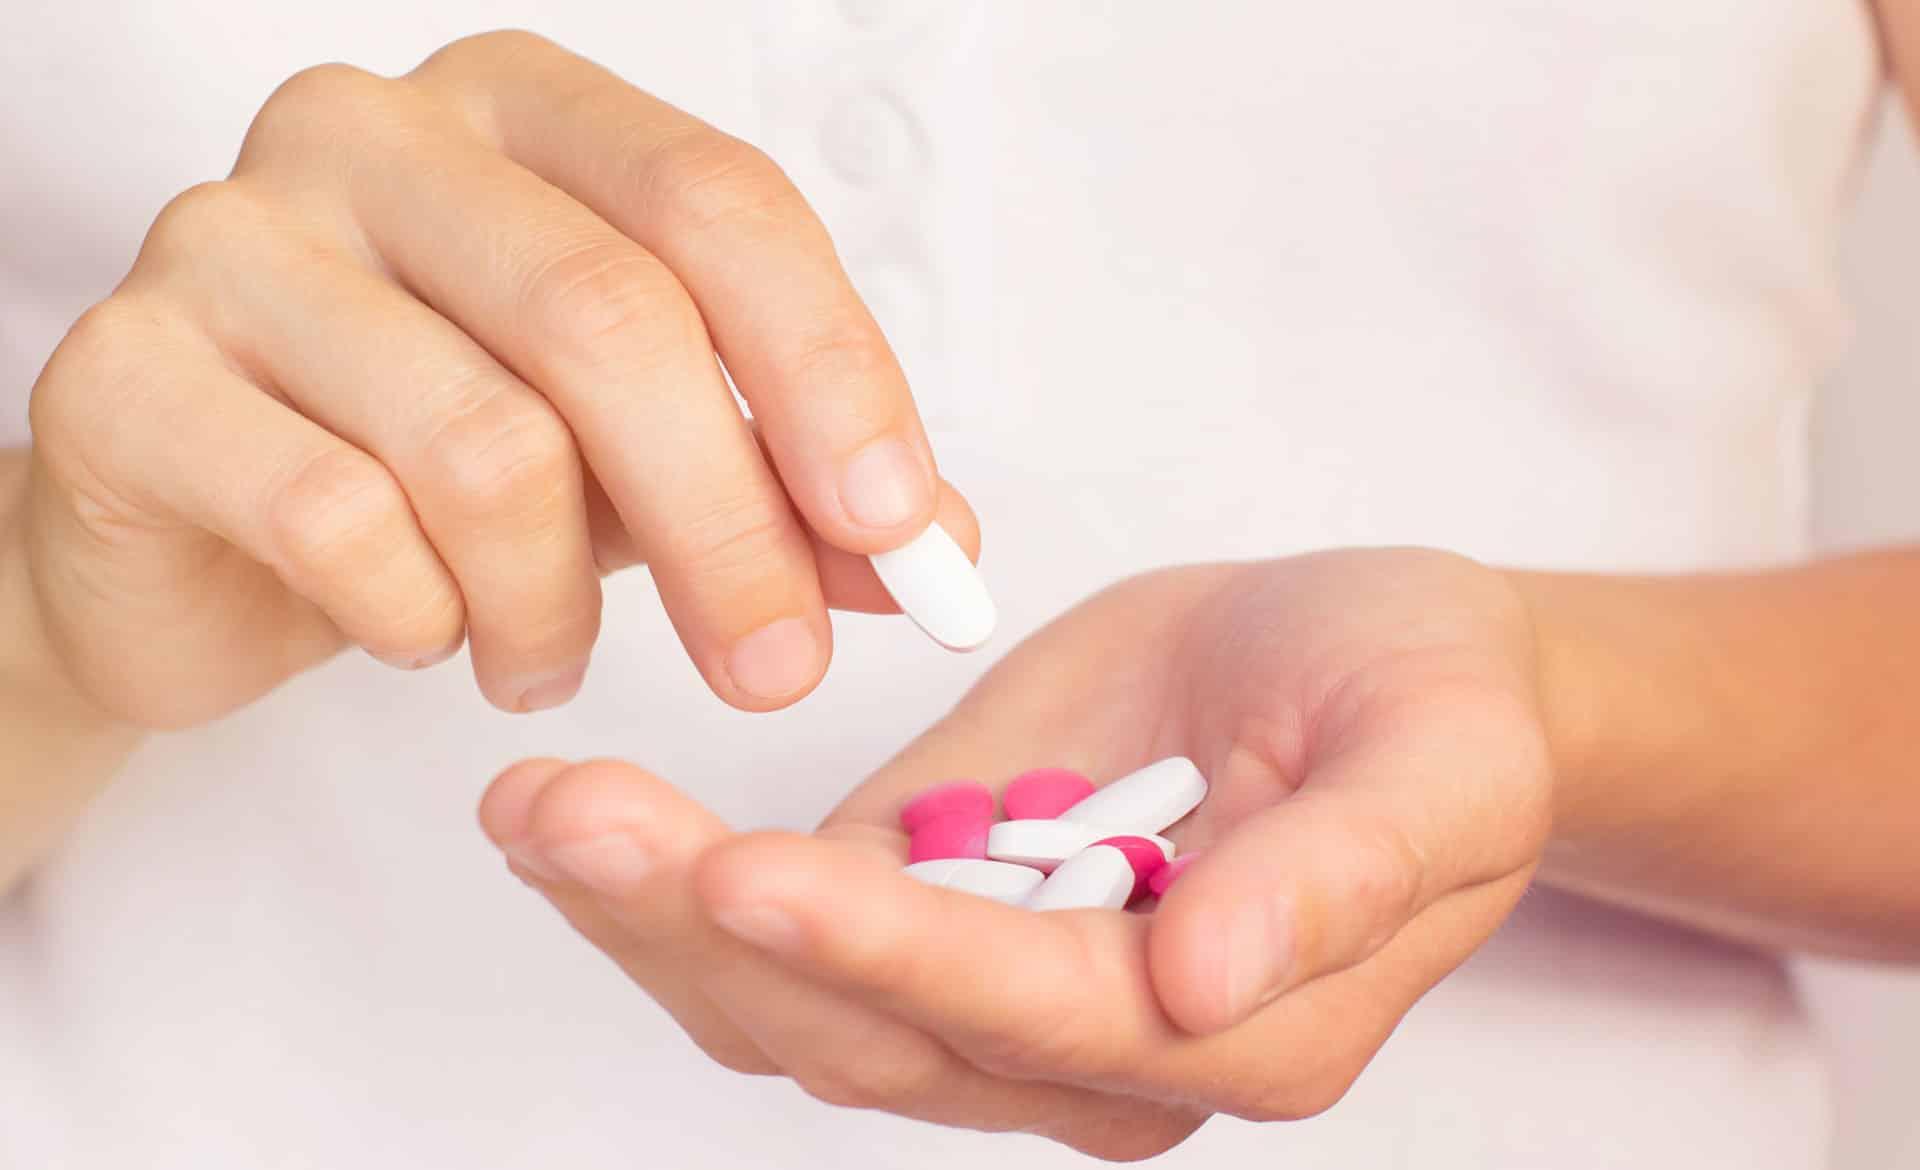 Efeitos colaterais das medicações anti hormonais Tamoxifeno, Anastrozol, Letrozol e Examestano.